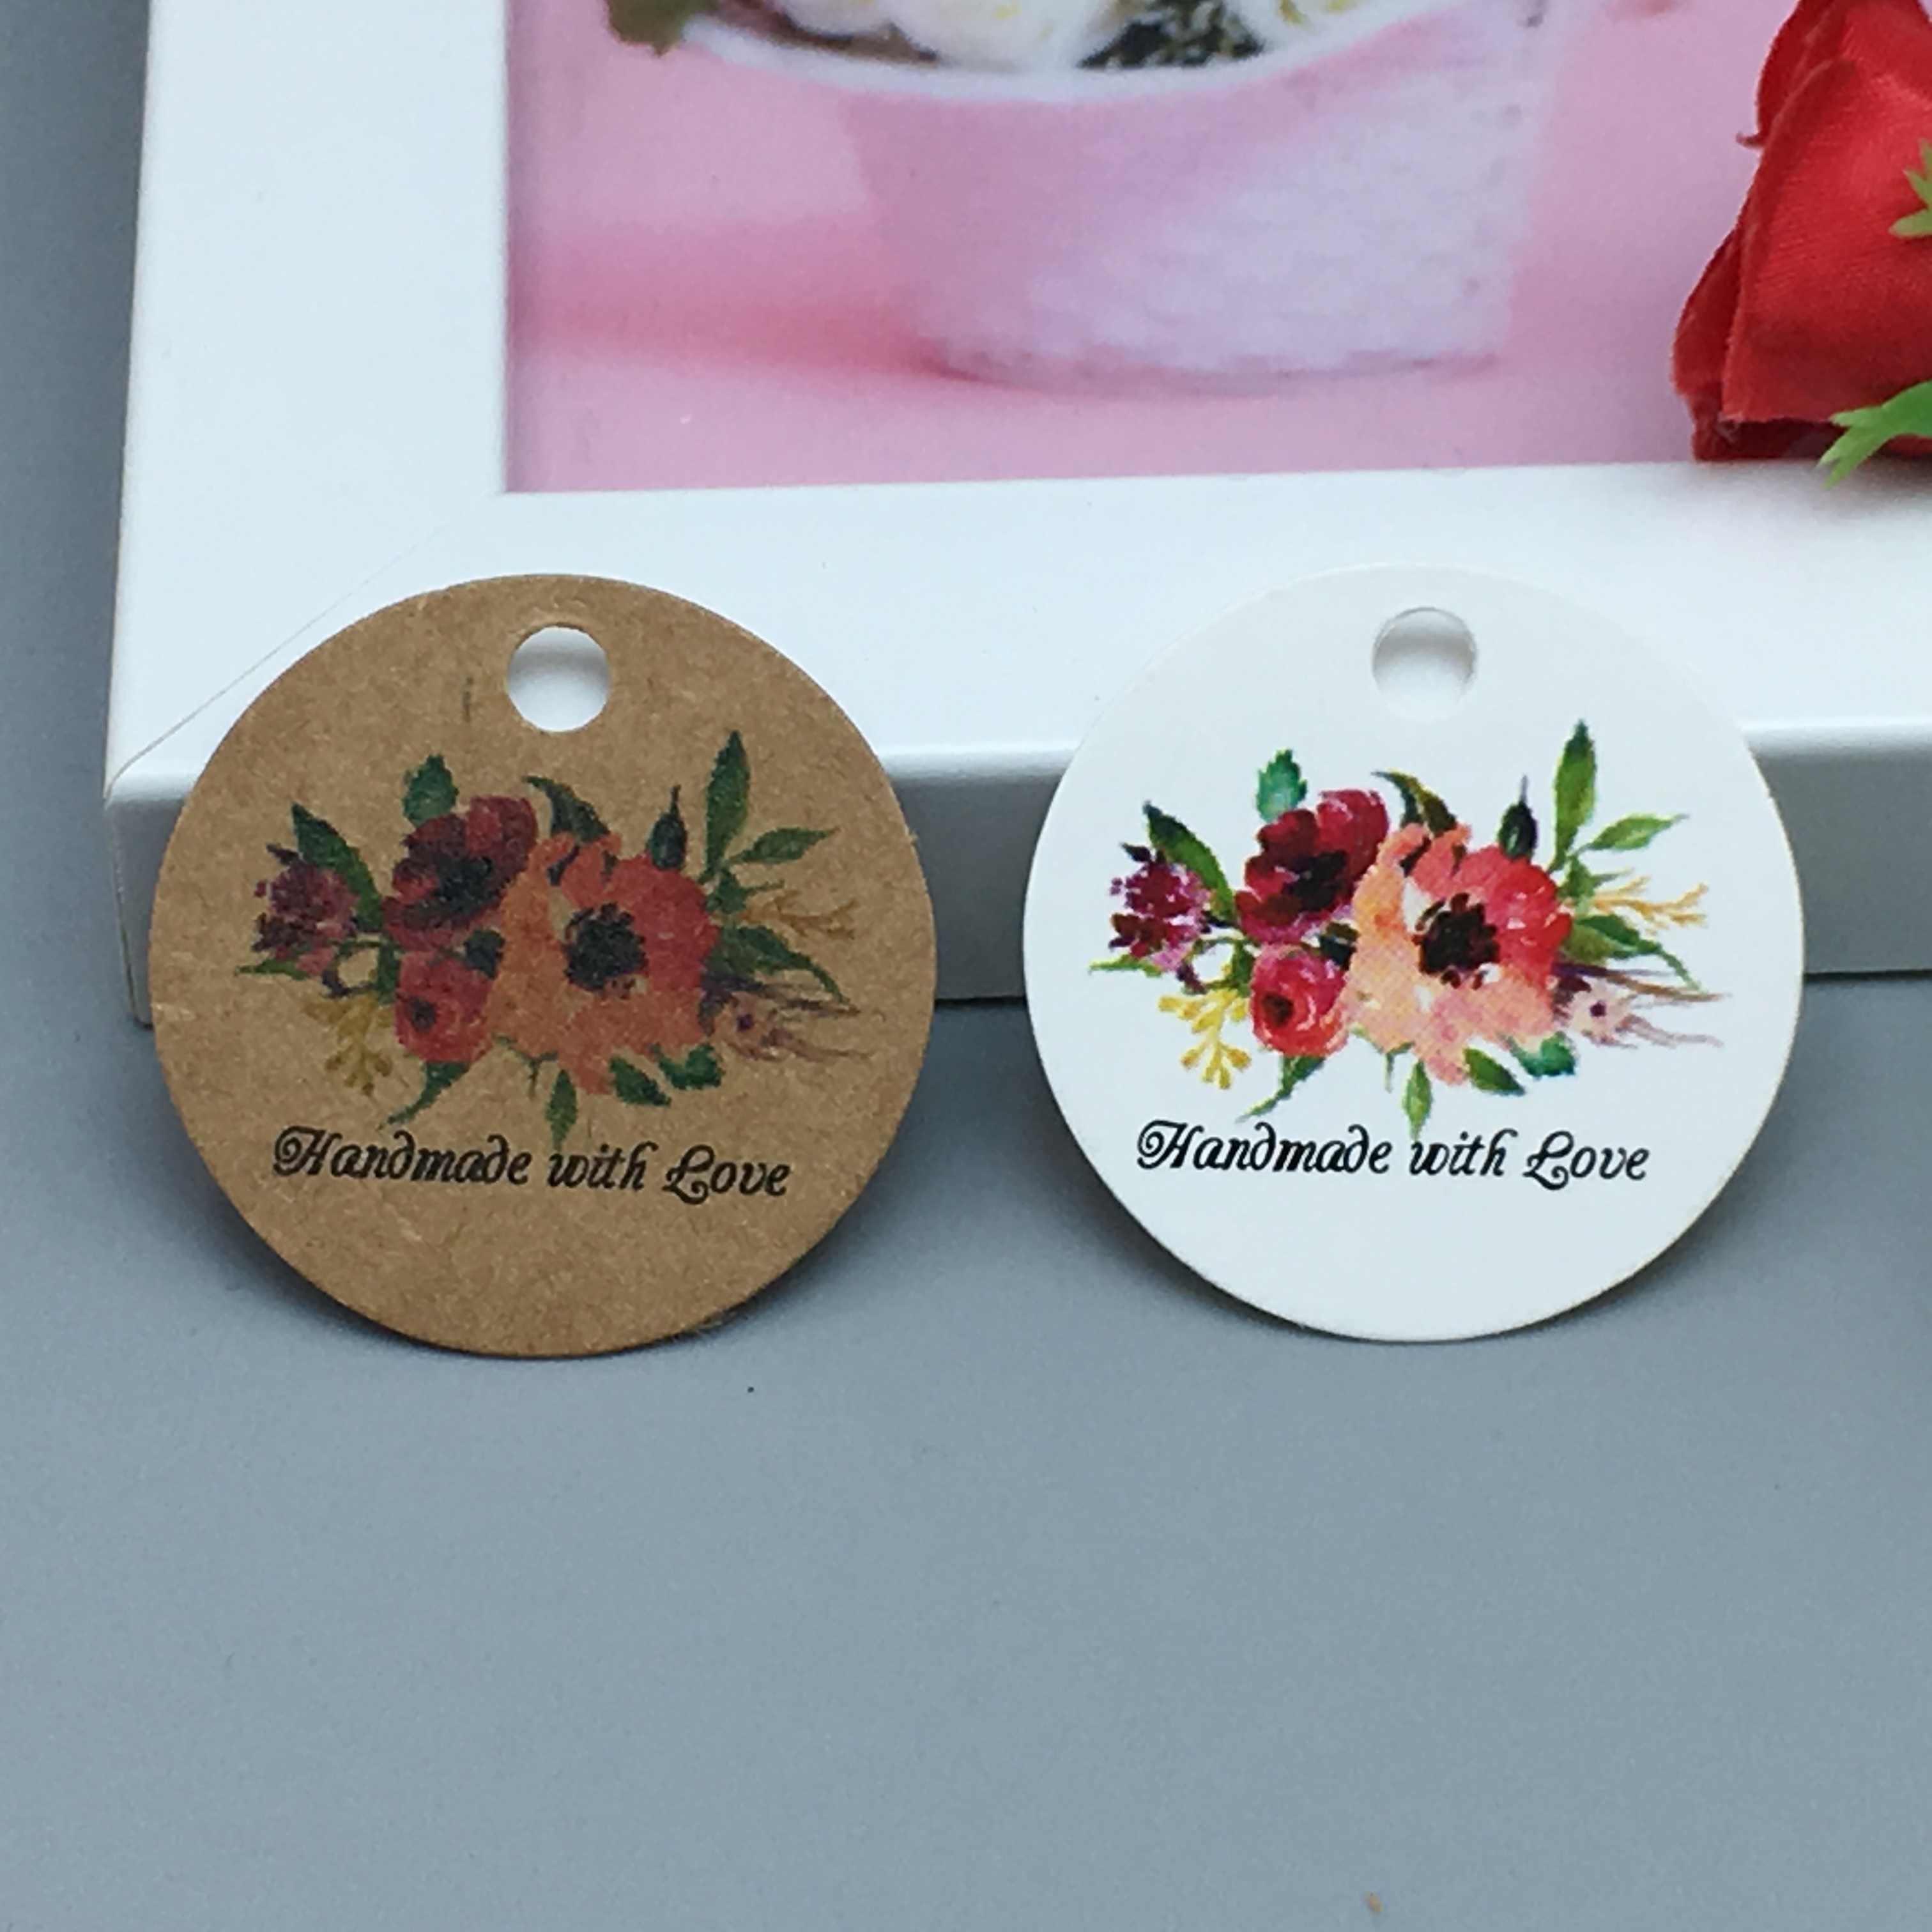 50 unids/lote 3cm gracias con corazón rojo hecho a mano etiquetas de regalo kraft para tarta de cumpleaños boda fiesta precio etiqueta colgante